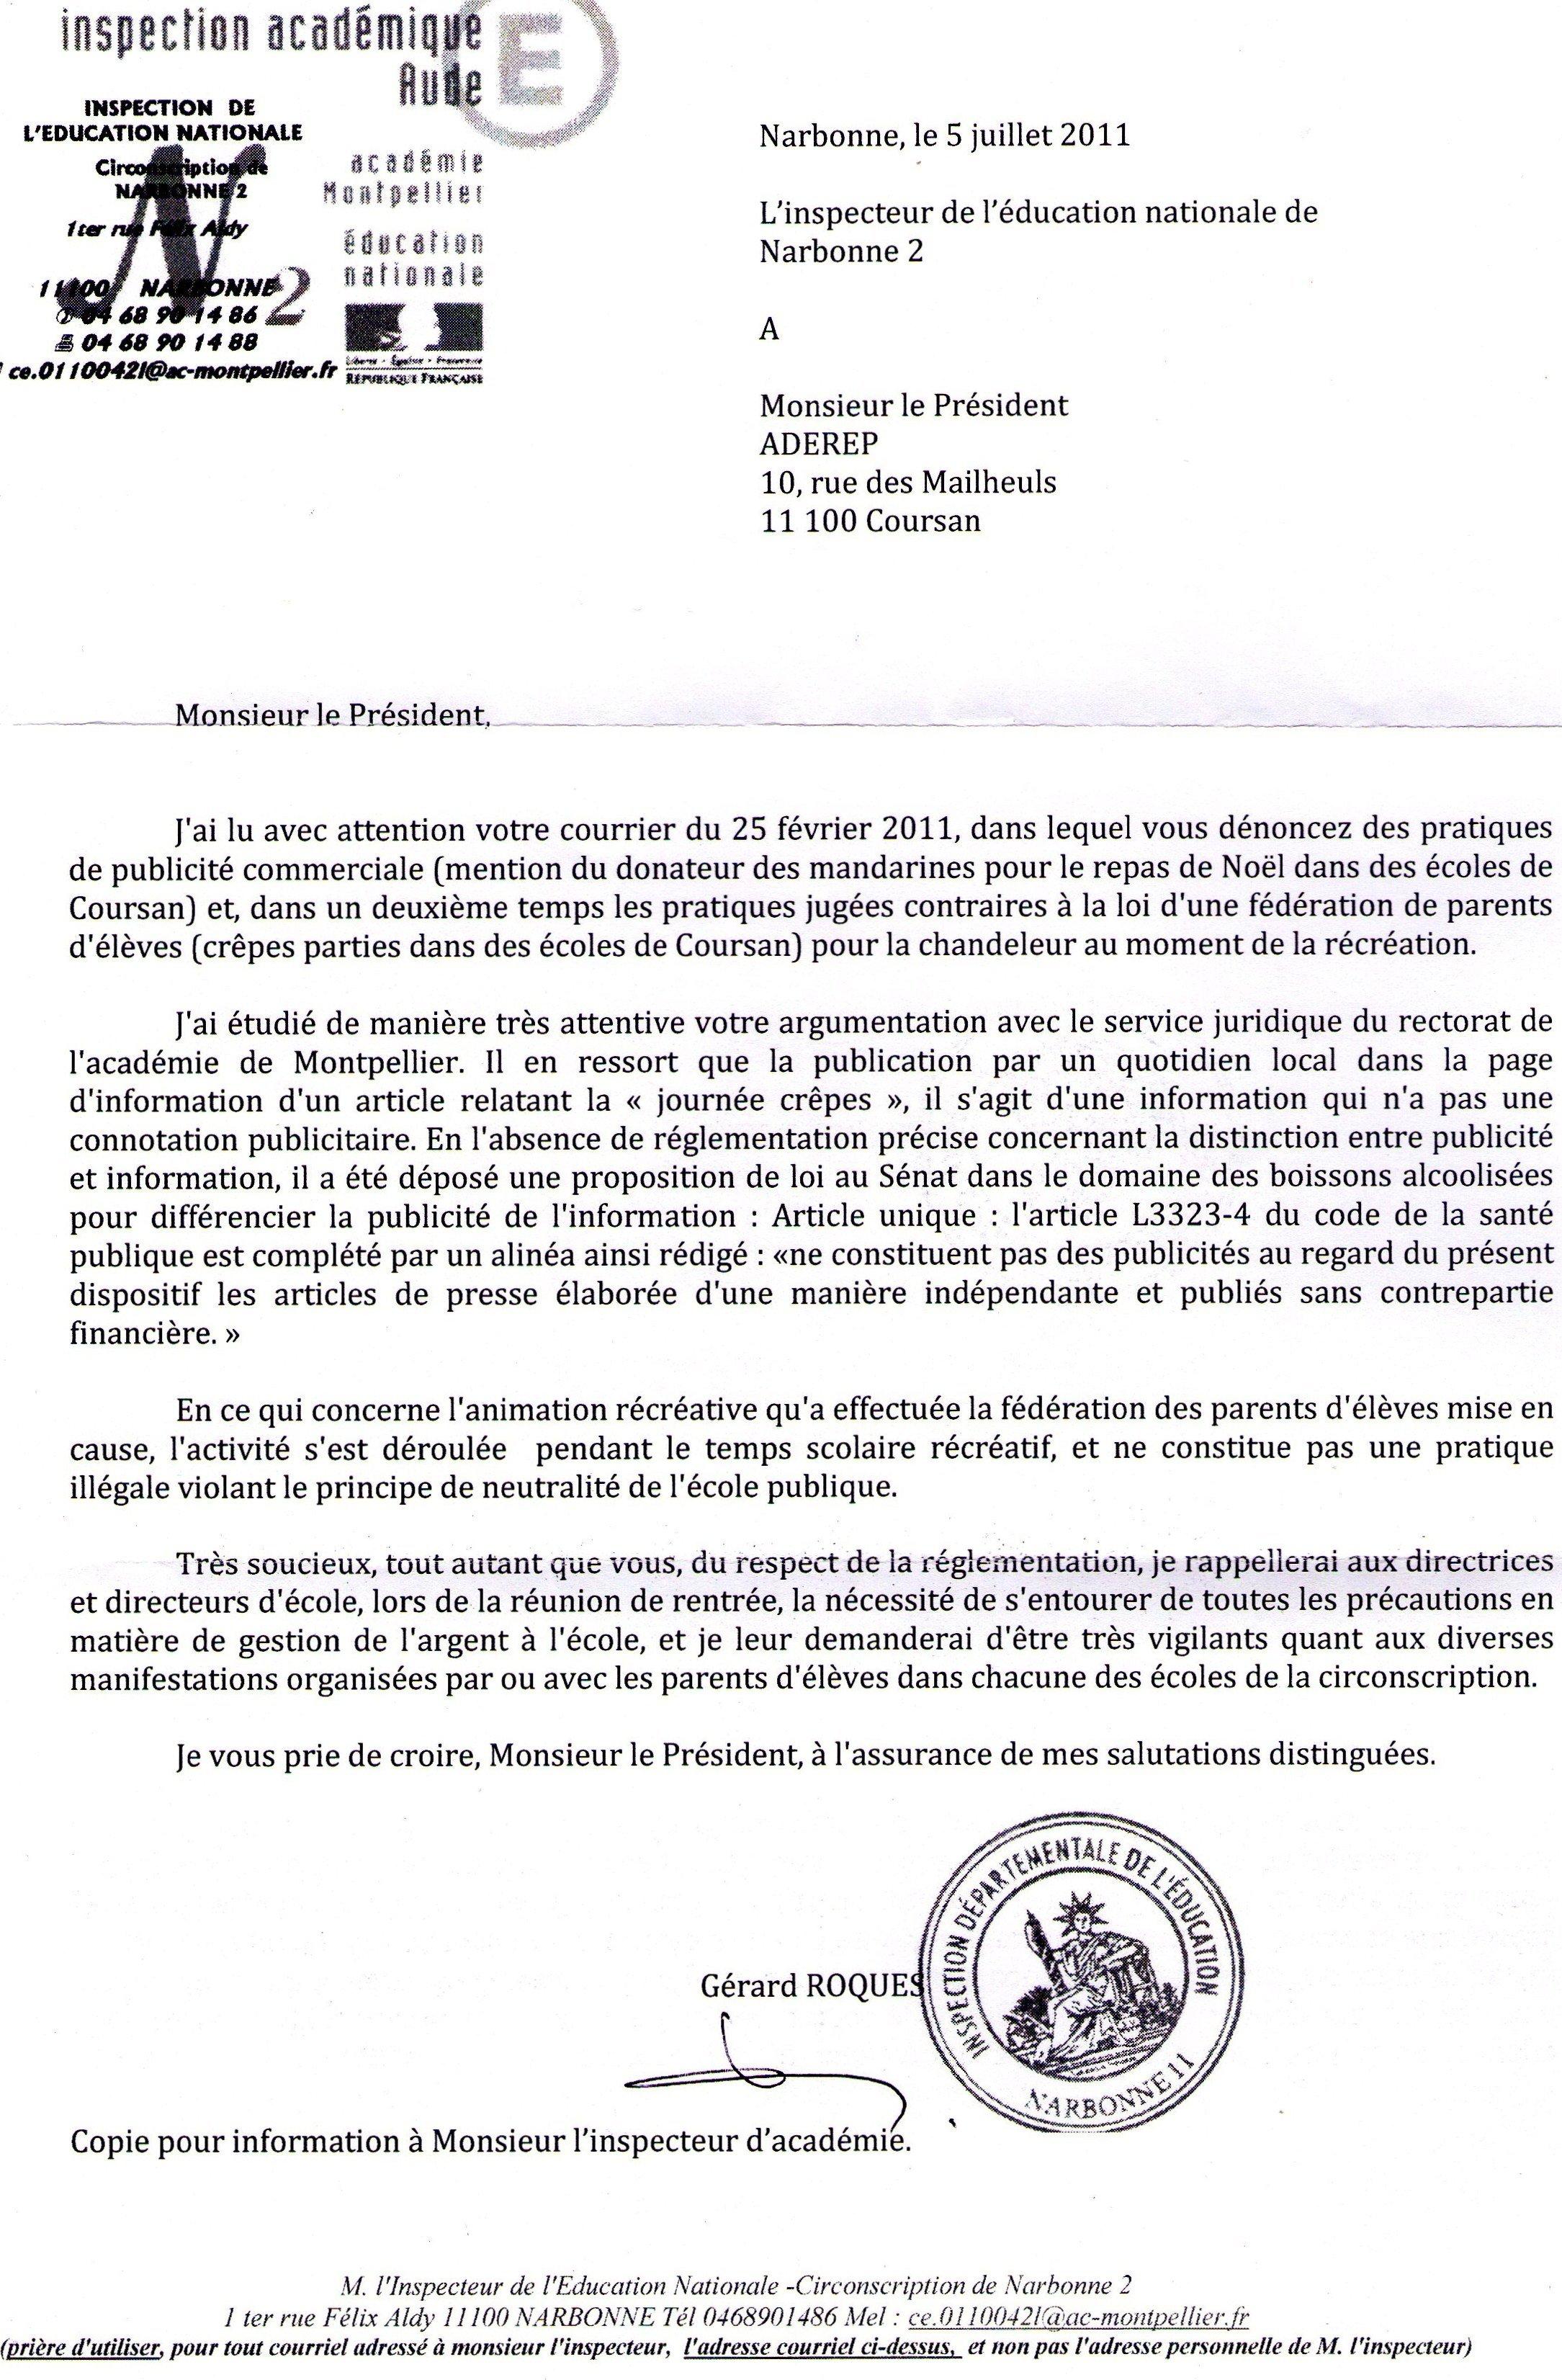 05.07.11 Lettre IEN Narbonne2